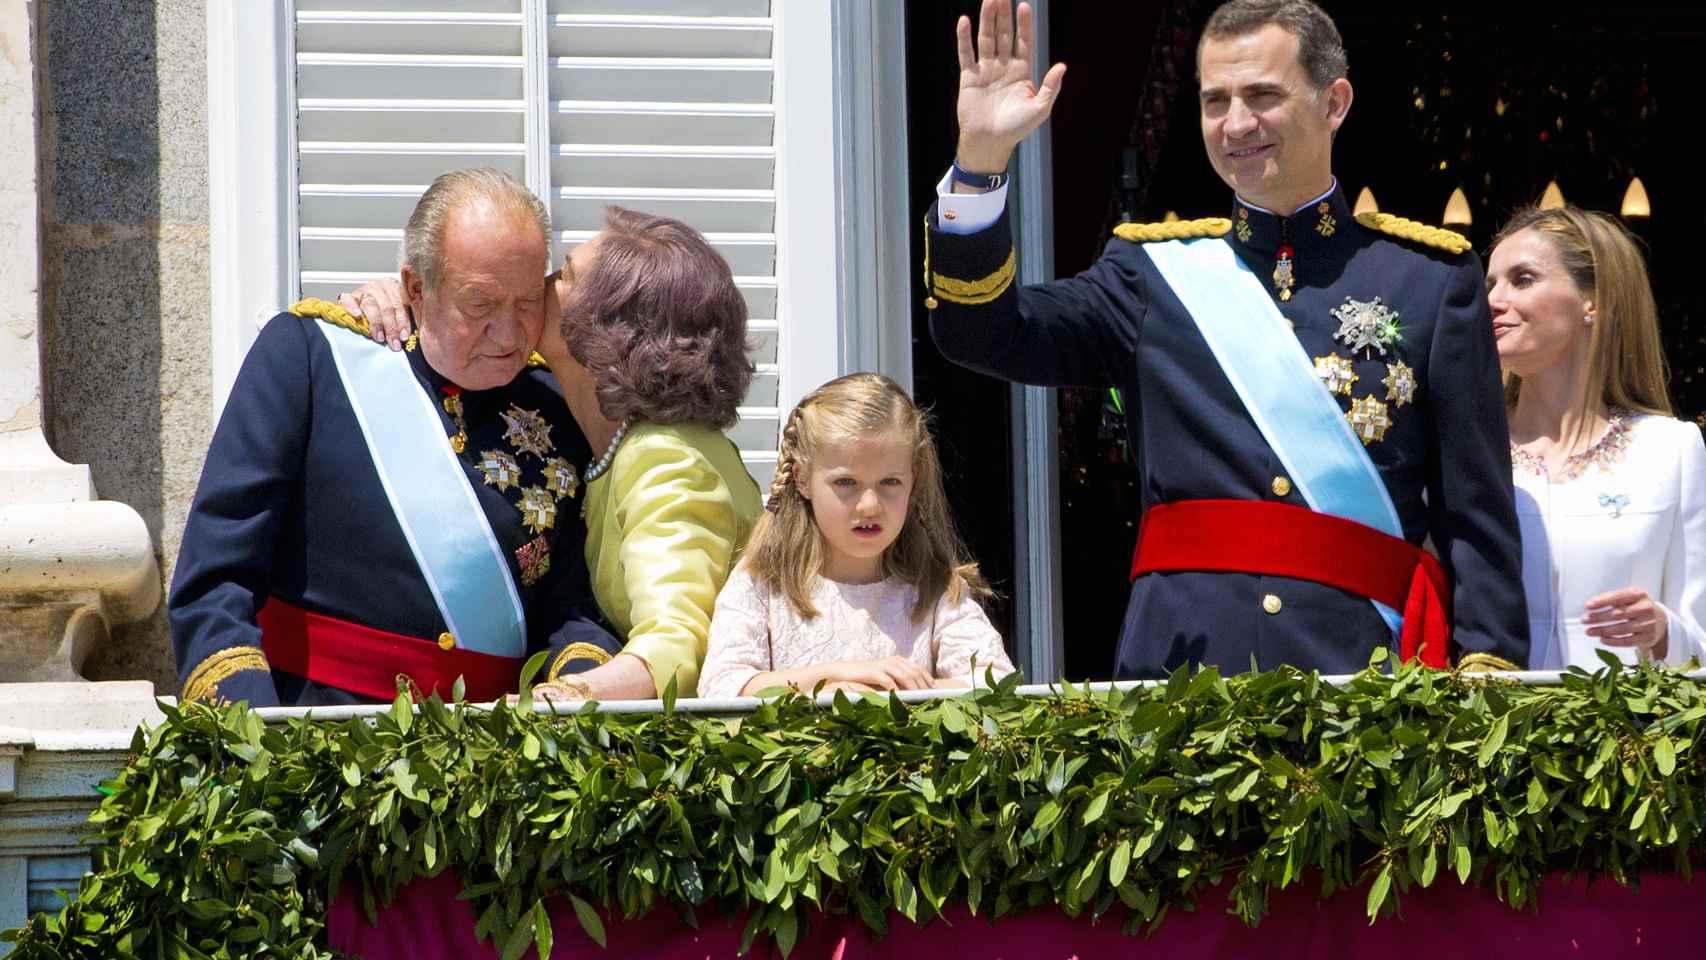 Doña Sofía besando a don Juan Carlos el día de la proclamación de su hijo como rey.